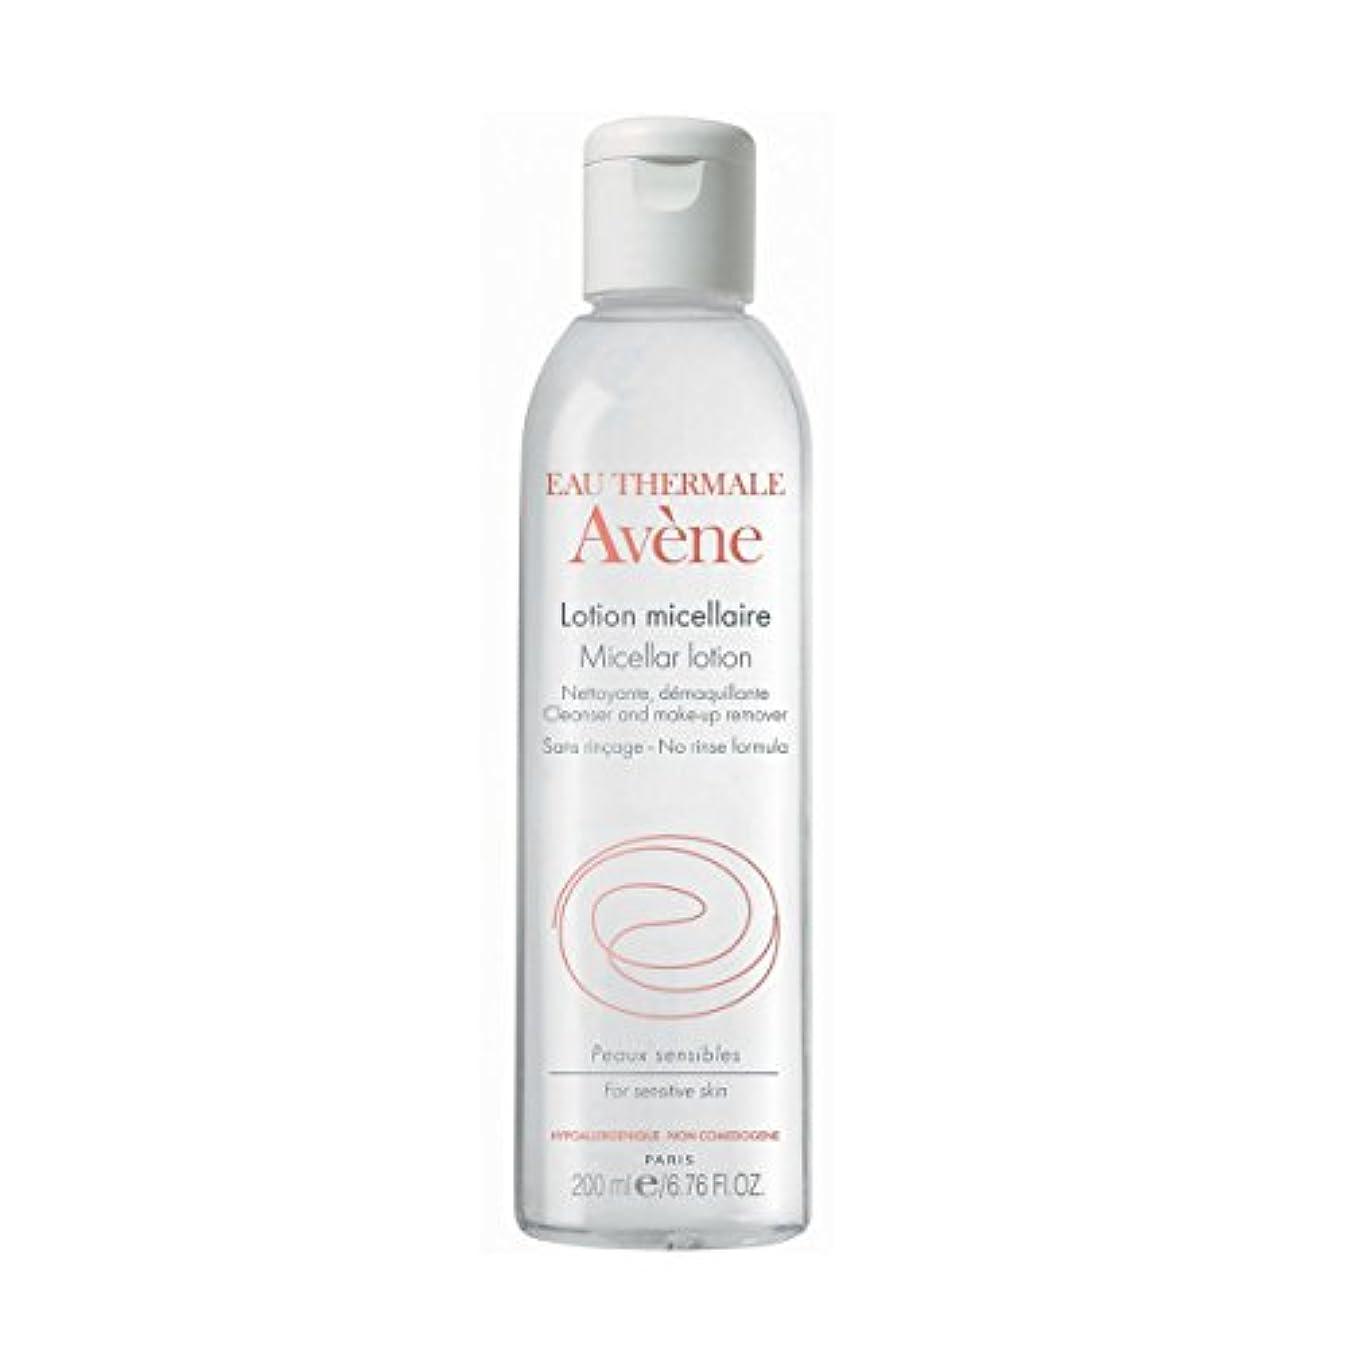 空港放置仕立て屋Avene Micellar Lotion Cleanser And Make-up Remover 200ml [並行輸入品]